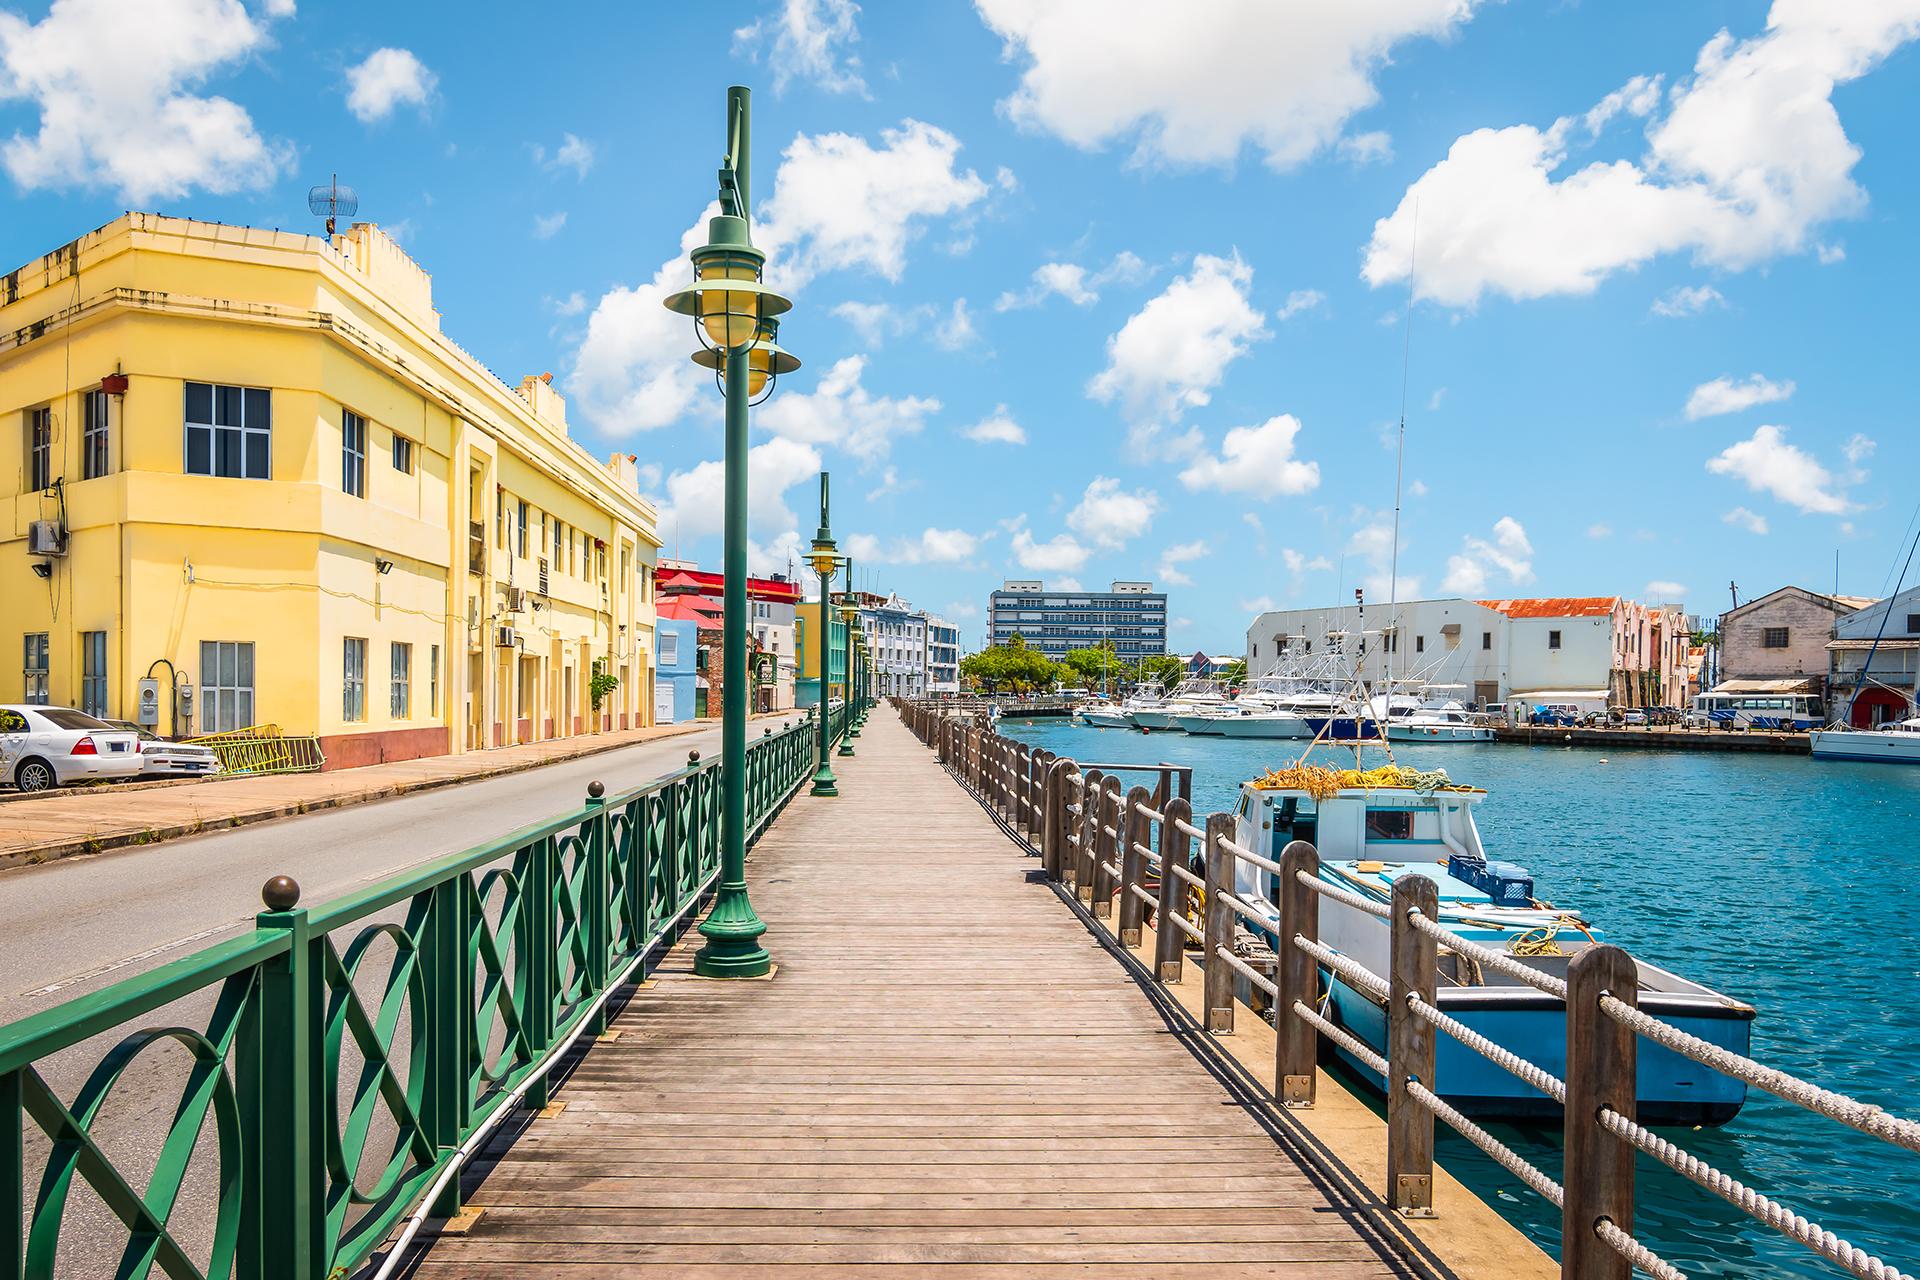 Paseo en el puerto deportivo de Bridgetown, Barbados.